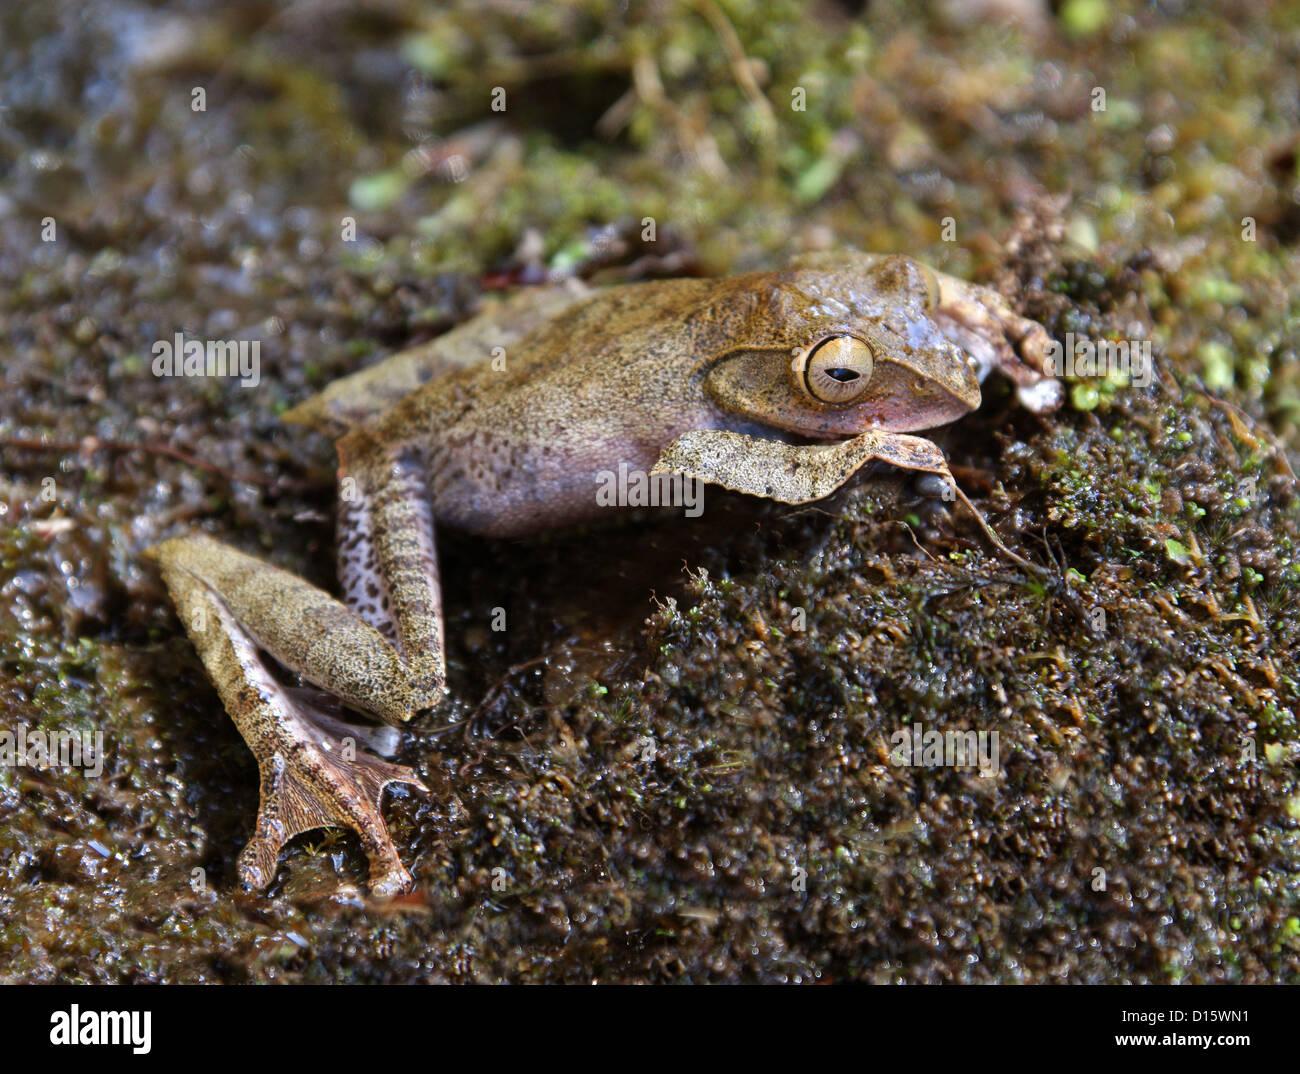 Bright-eyed Madagascan Tree Frog, Boophis madagascariensis, Boophinae, Mantellidae, Anura, Amphibia. Madagascar, - Stock Image